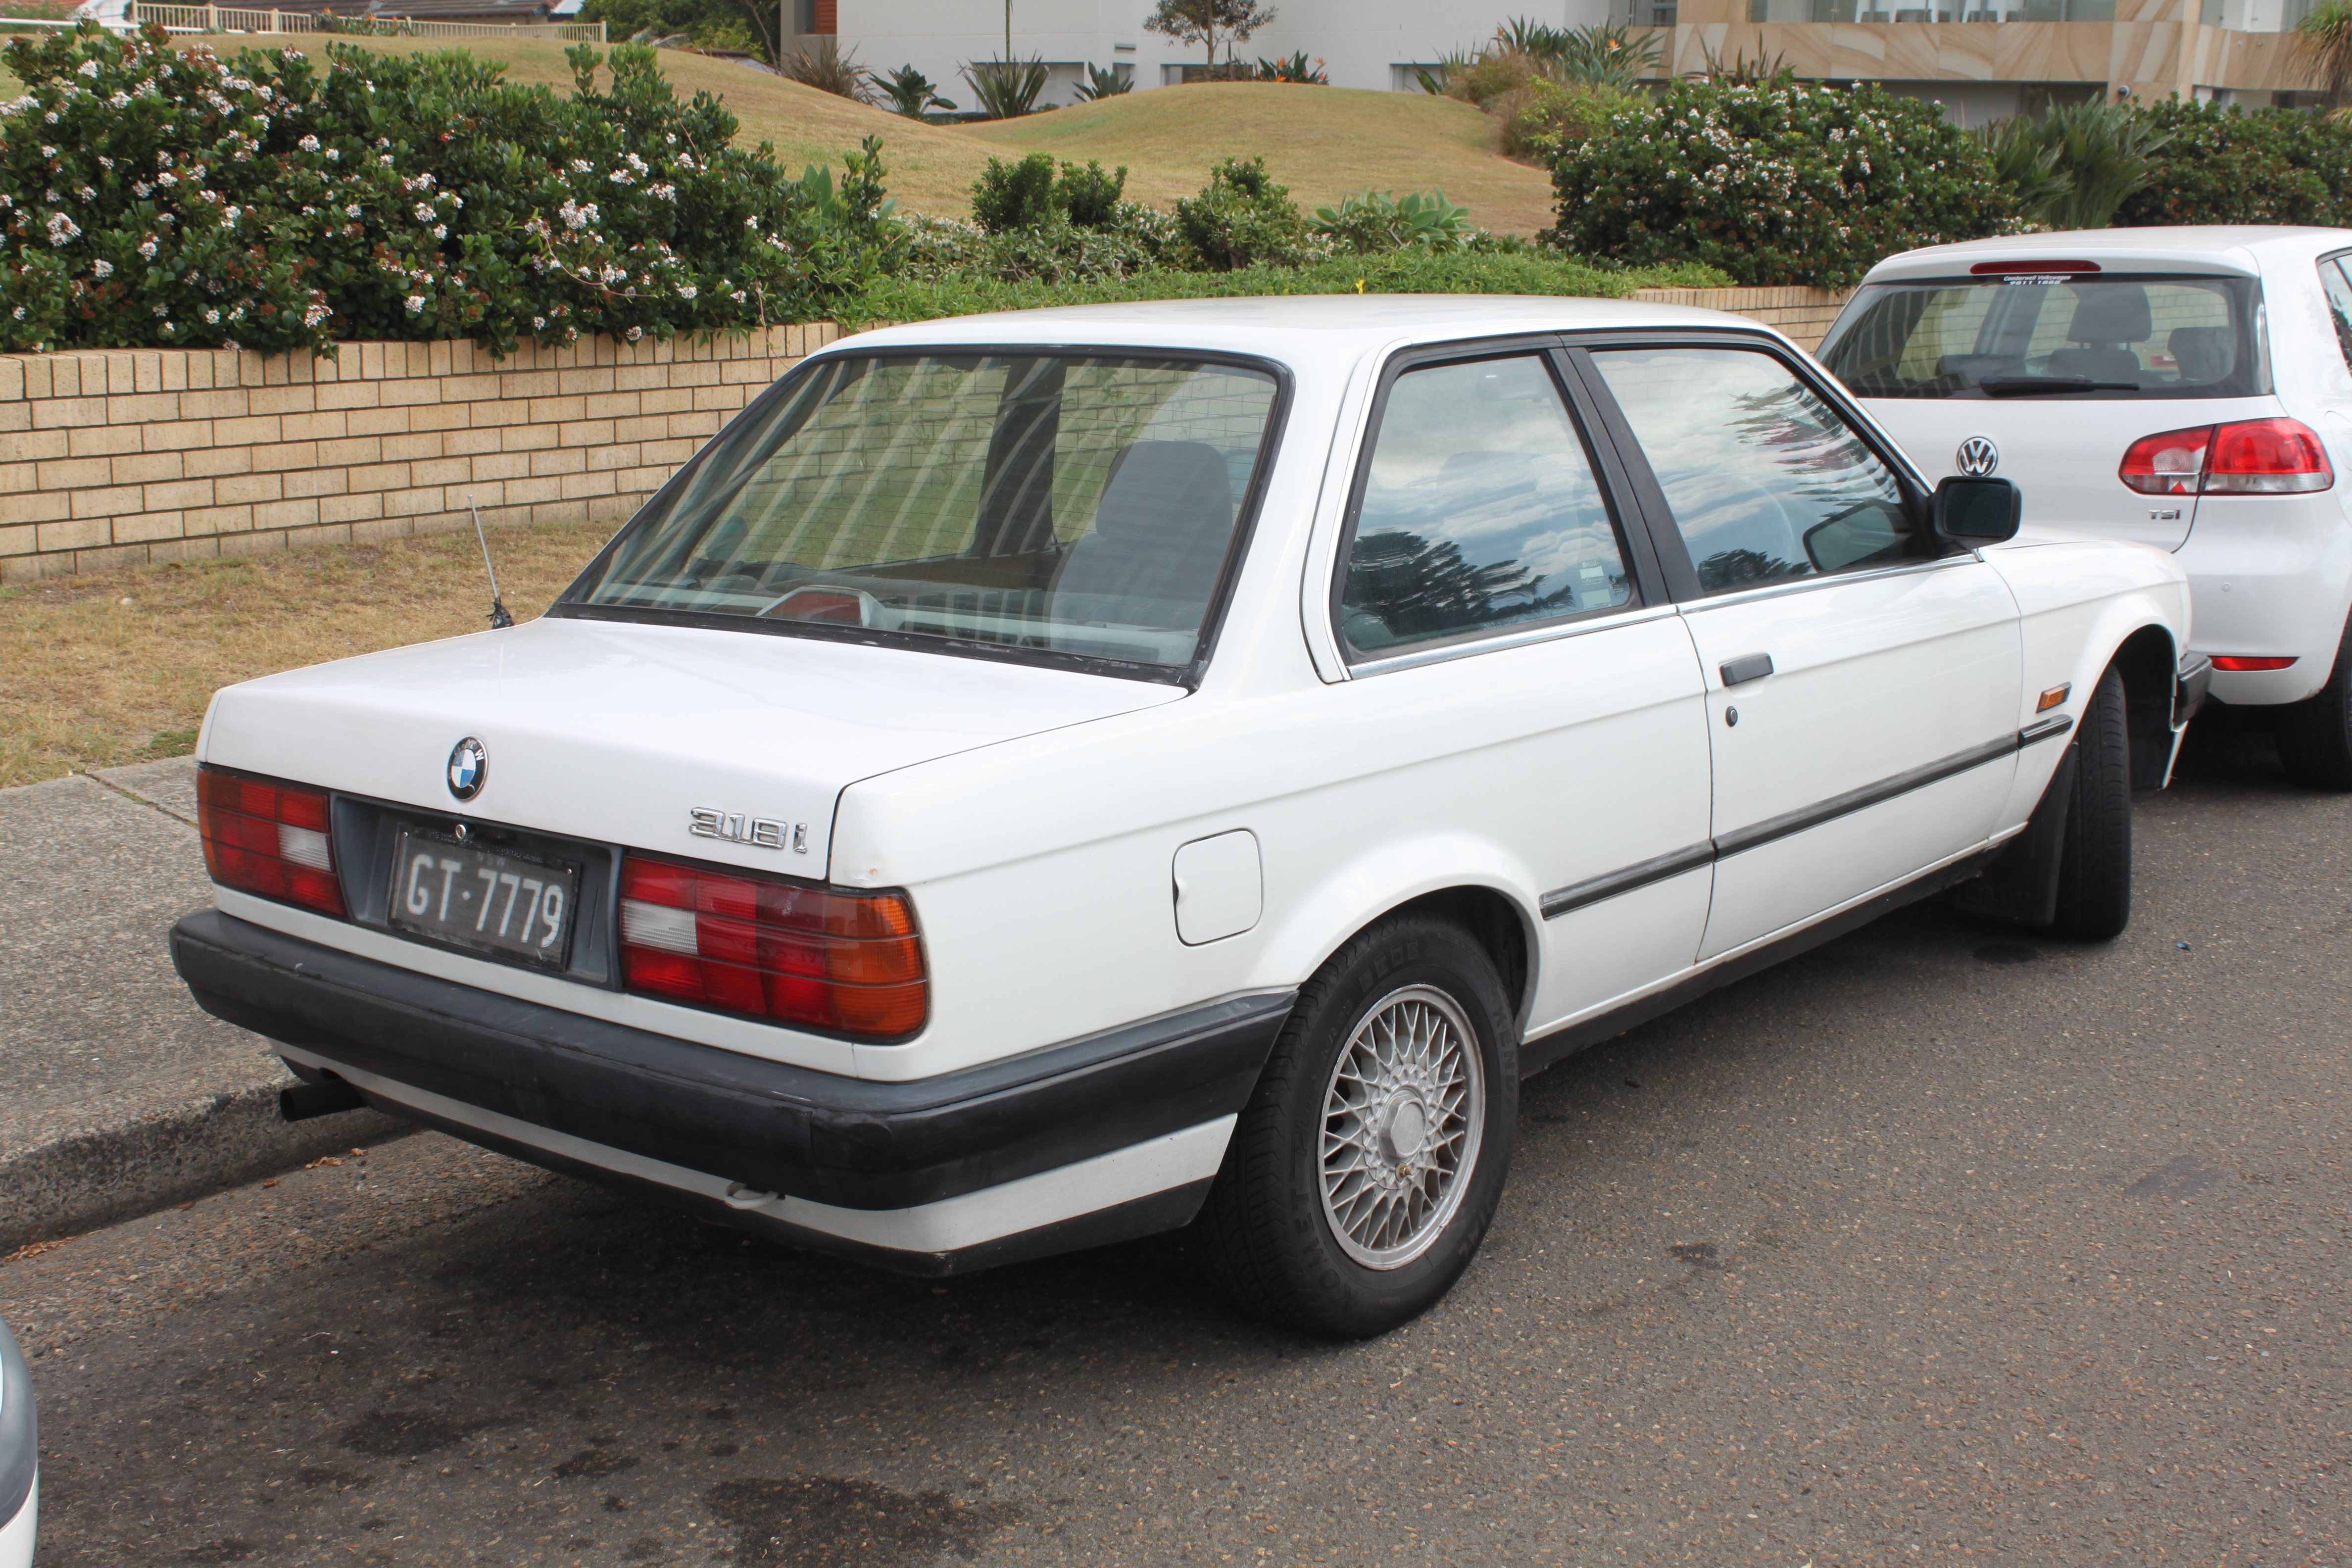 File BMW I E Door Sedan Jpg - Bmw 318i 2 door